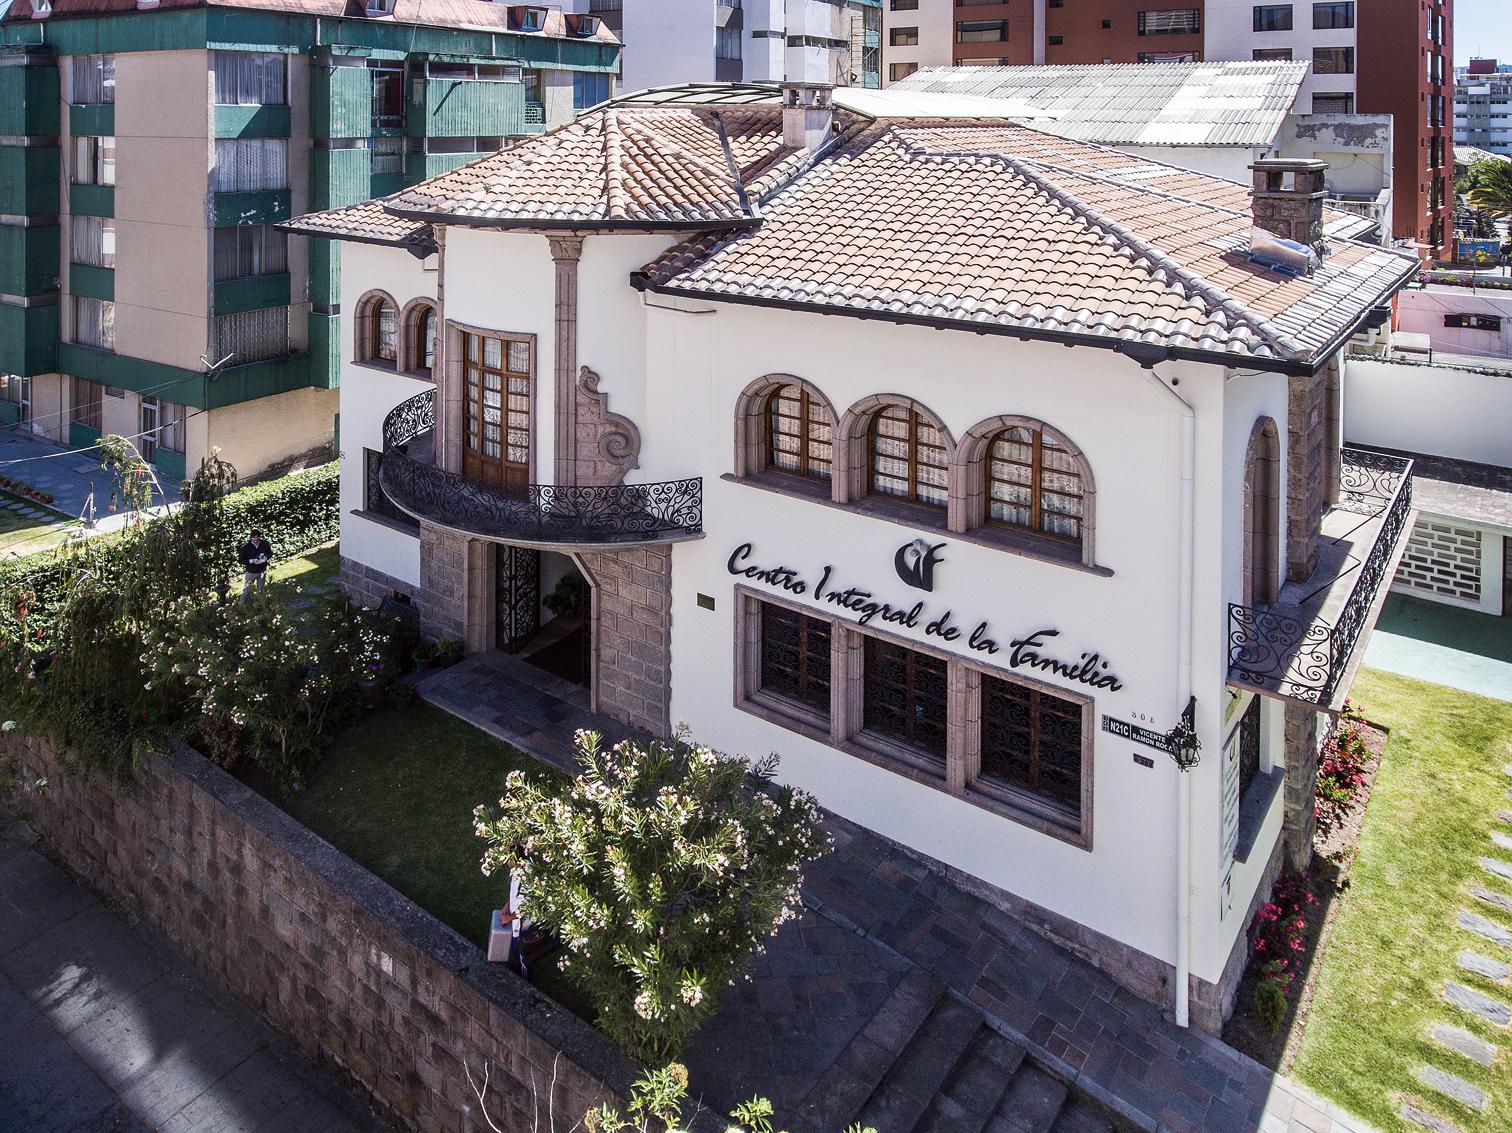 Casa León Orellana. Foto: Rómulo Moya Peralta, Archivo Trama